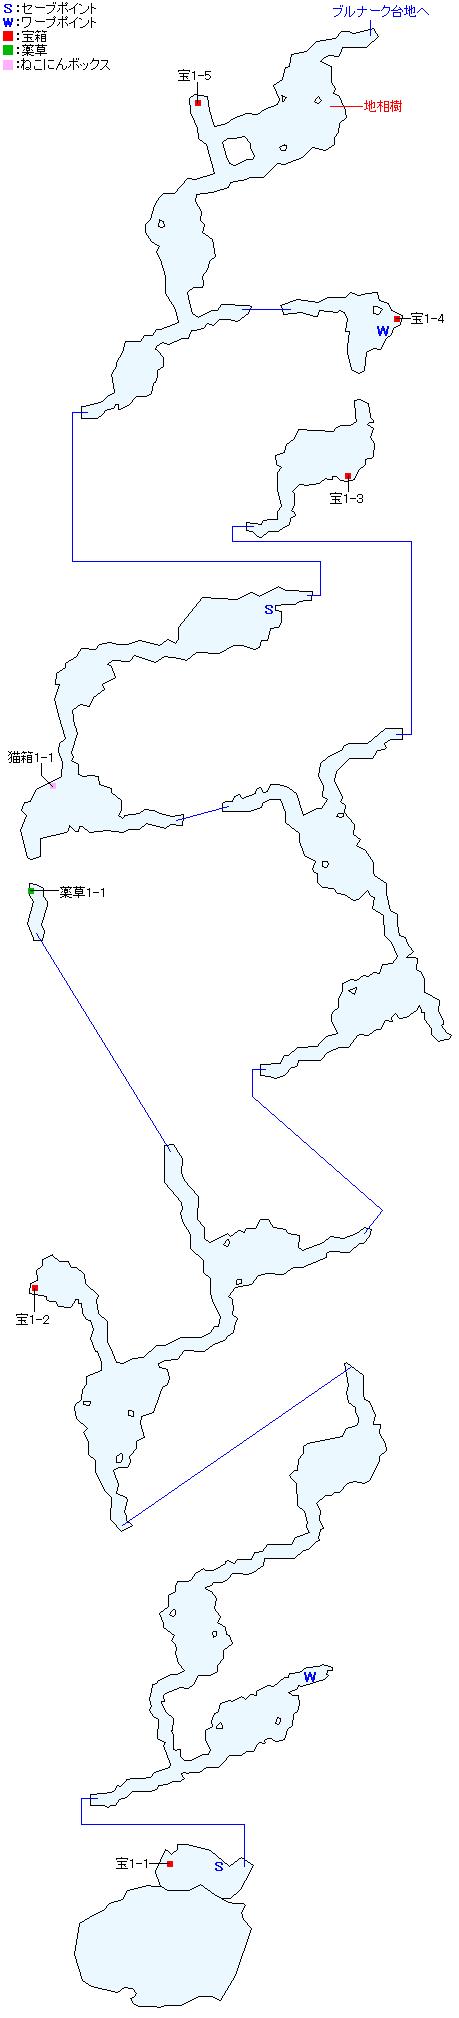 西ラバン洞穴マップ